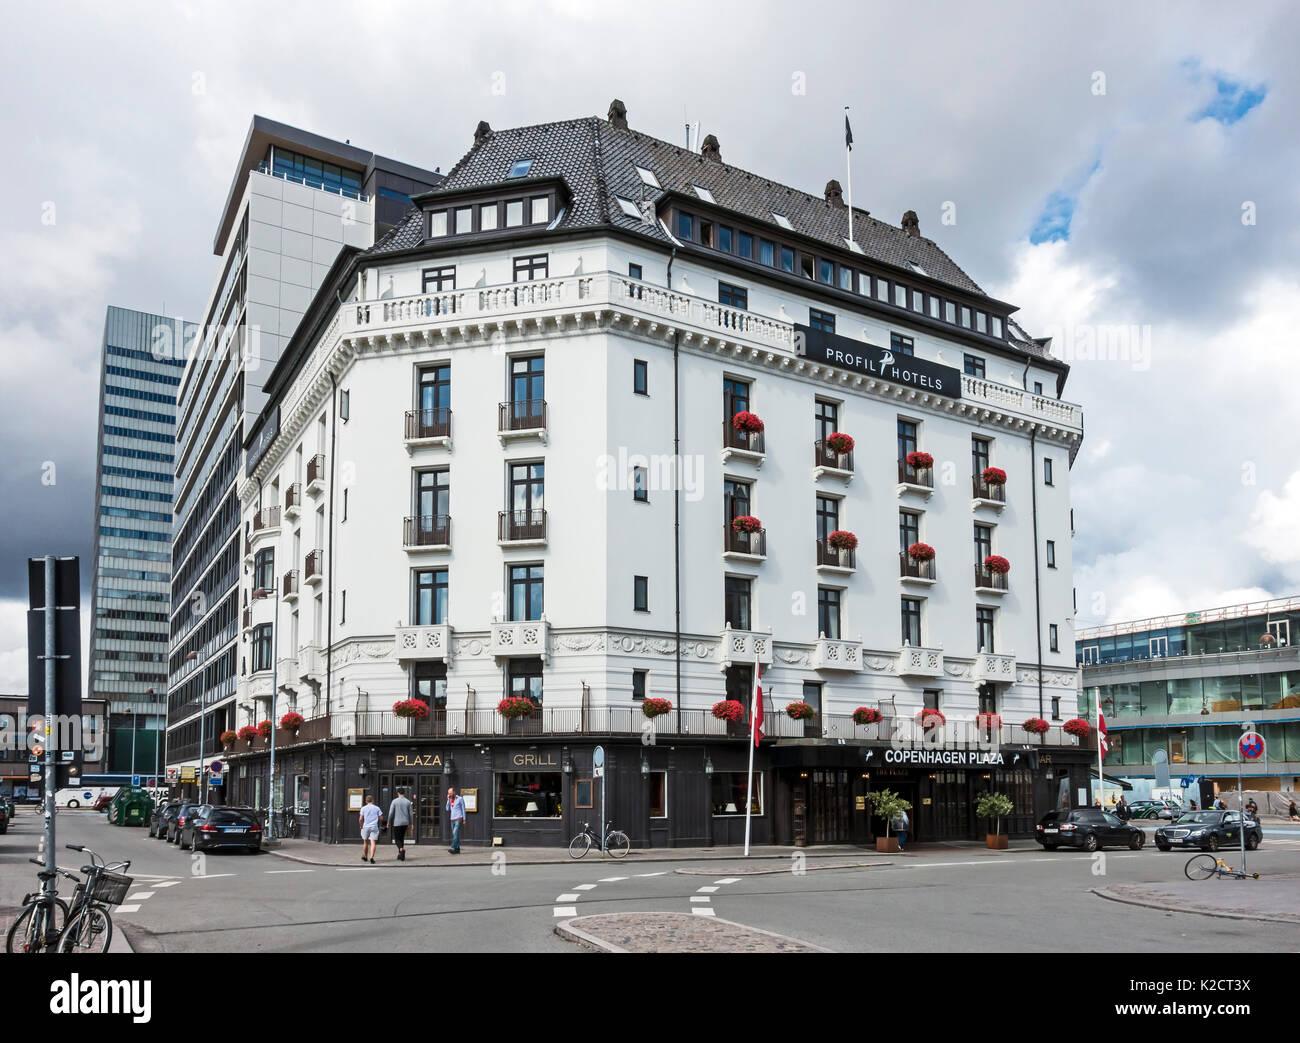 Profil Hotels Kopenhagen Plaza in die Bernstoffsgade einbiegen Am Bahnhof in Kopenhagen Dänemark Europa Stockbild